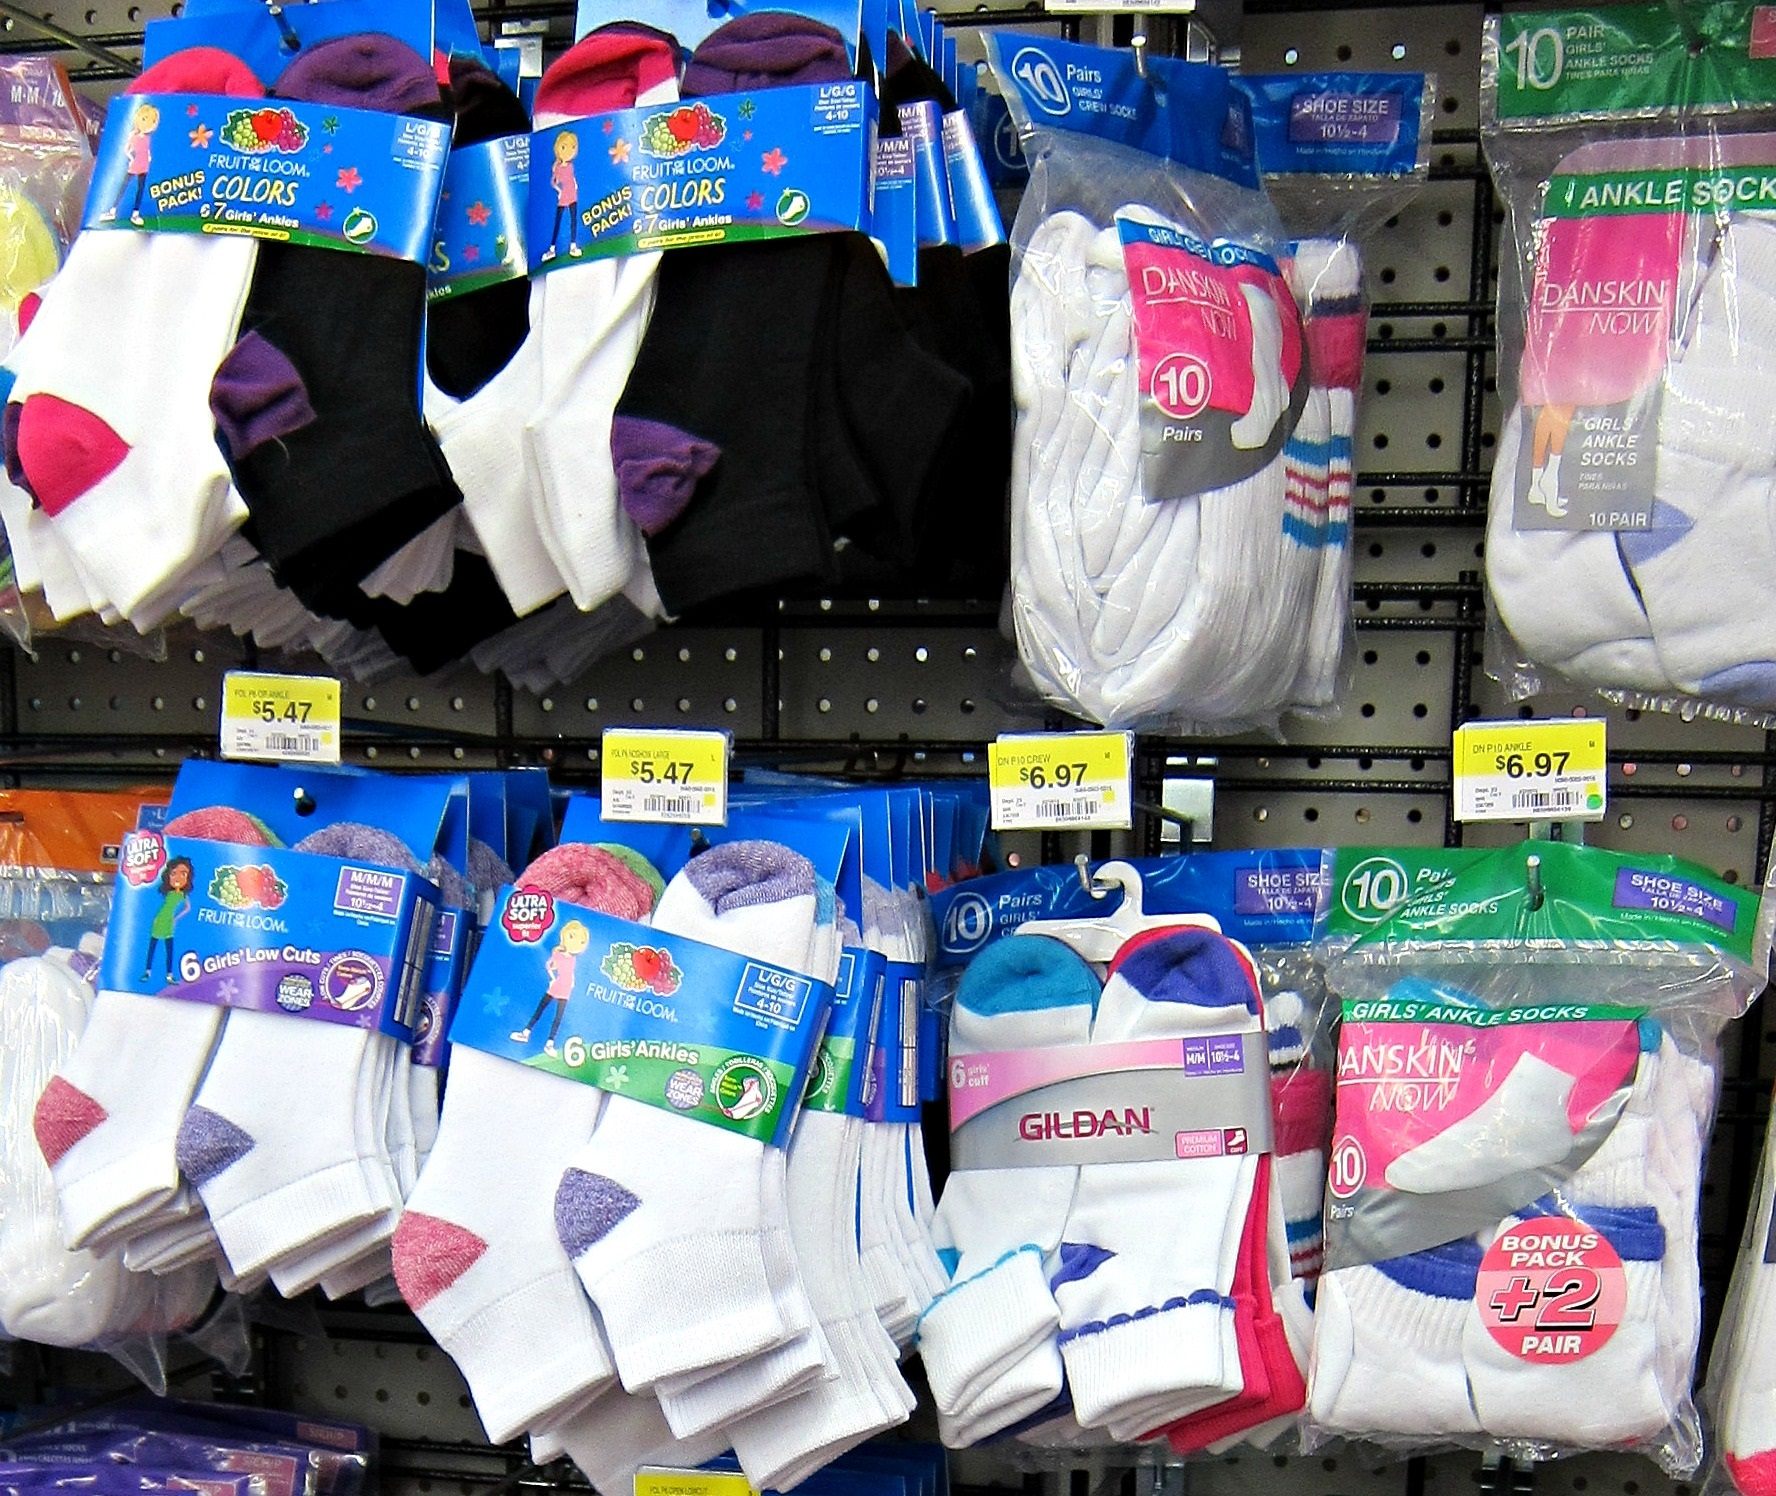 Best Kids Socks- Fruit of the loom socks